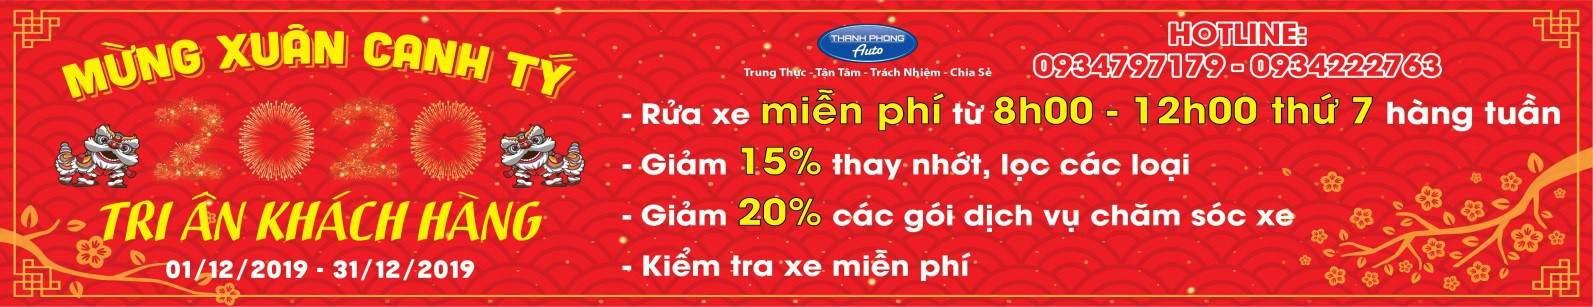 Thanh Phong Auto Tri Ân Khách Hàng Mừng Xuân Canh Tý 2020 17